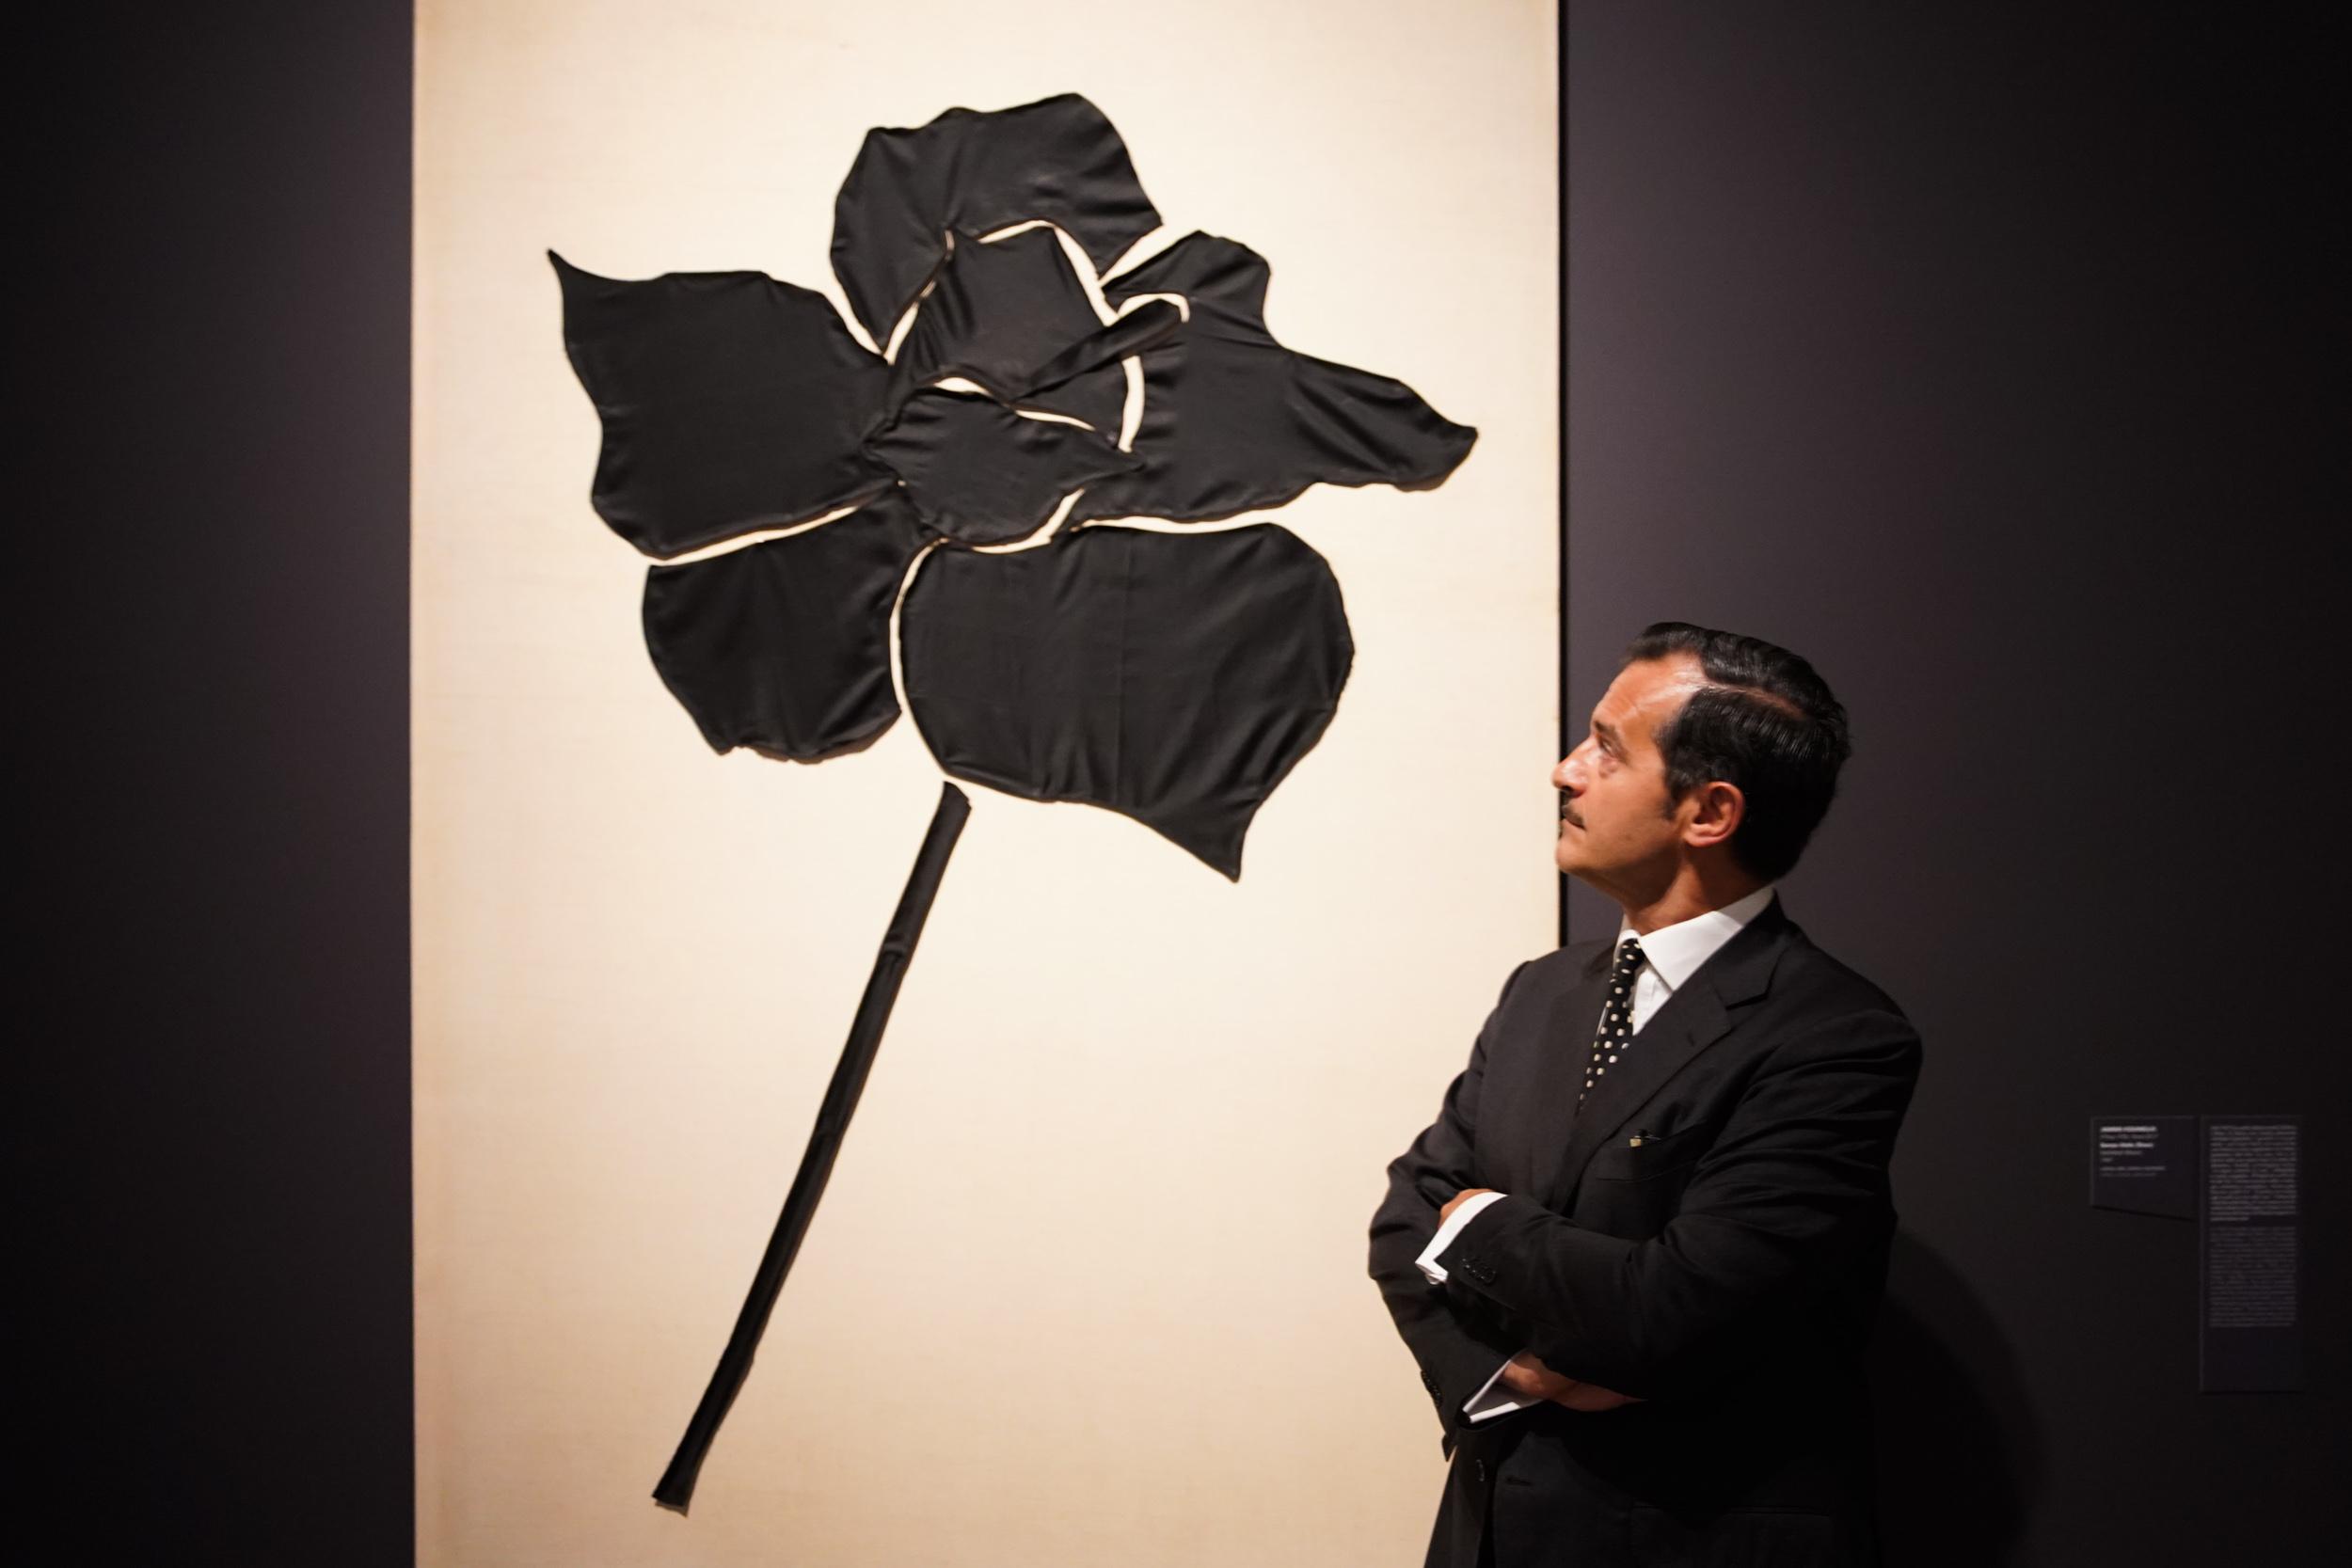 Arte come rivelazione. Il curatore Luca Massimo Barbero e Jannis Kounellis